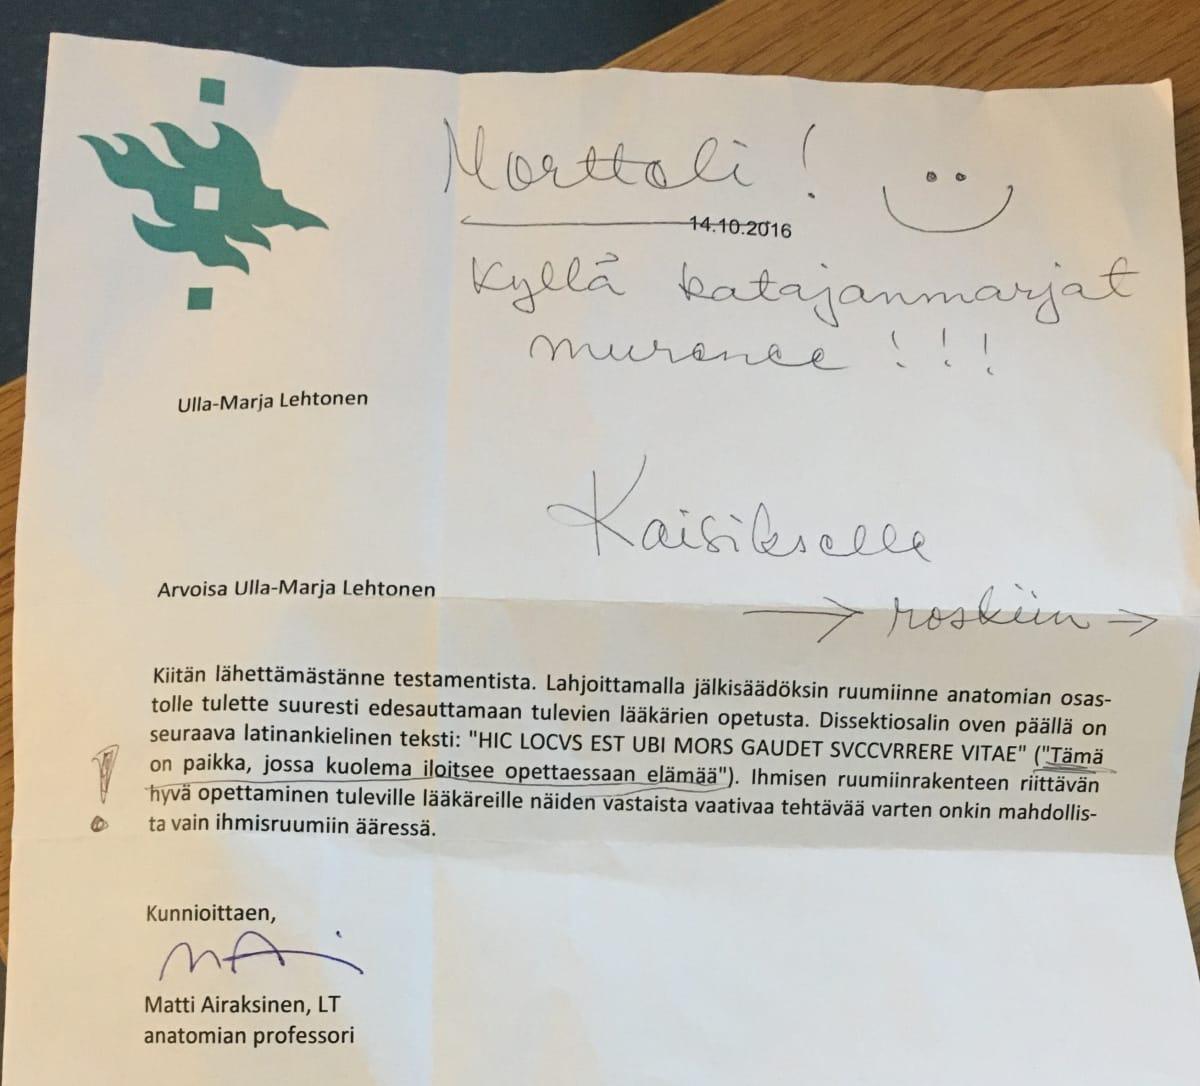 Ulla-Marja Lehtosella oli tapana uusiokäyttää papereita ja yliopiston kiitoskirjeeseenkin hän on tehnyt muistiinpanon tyttärelleen.